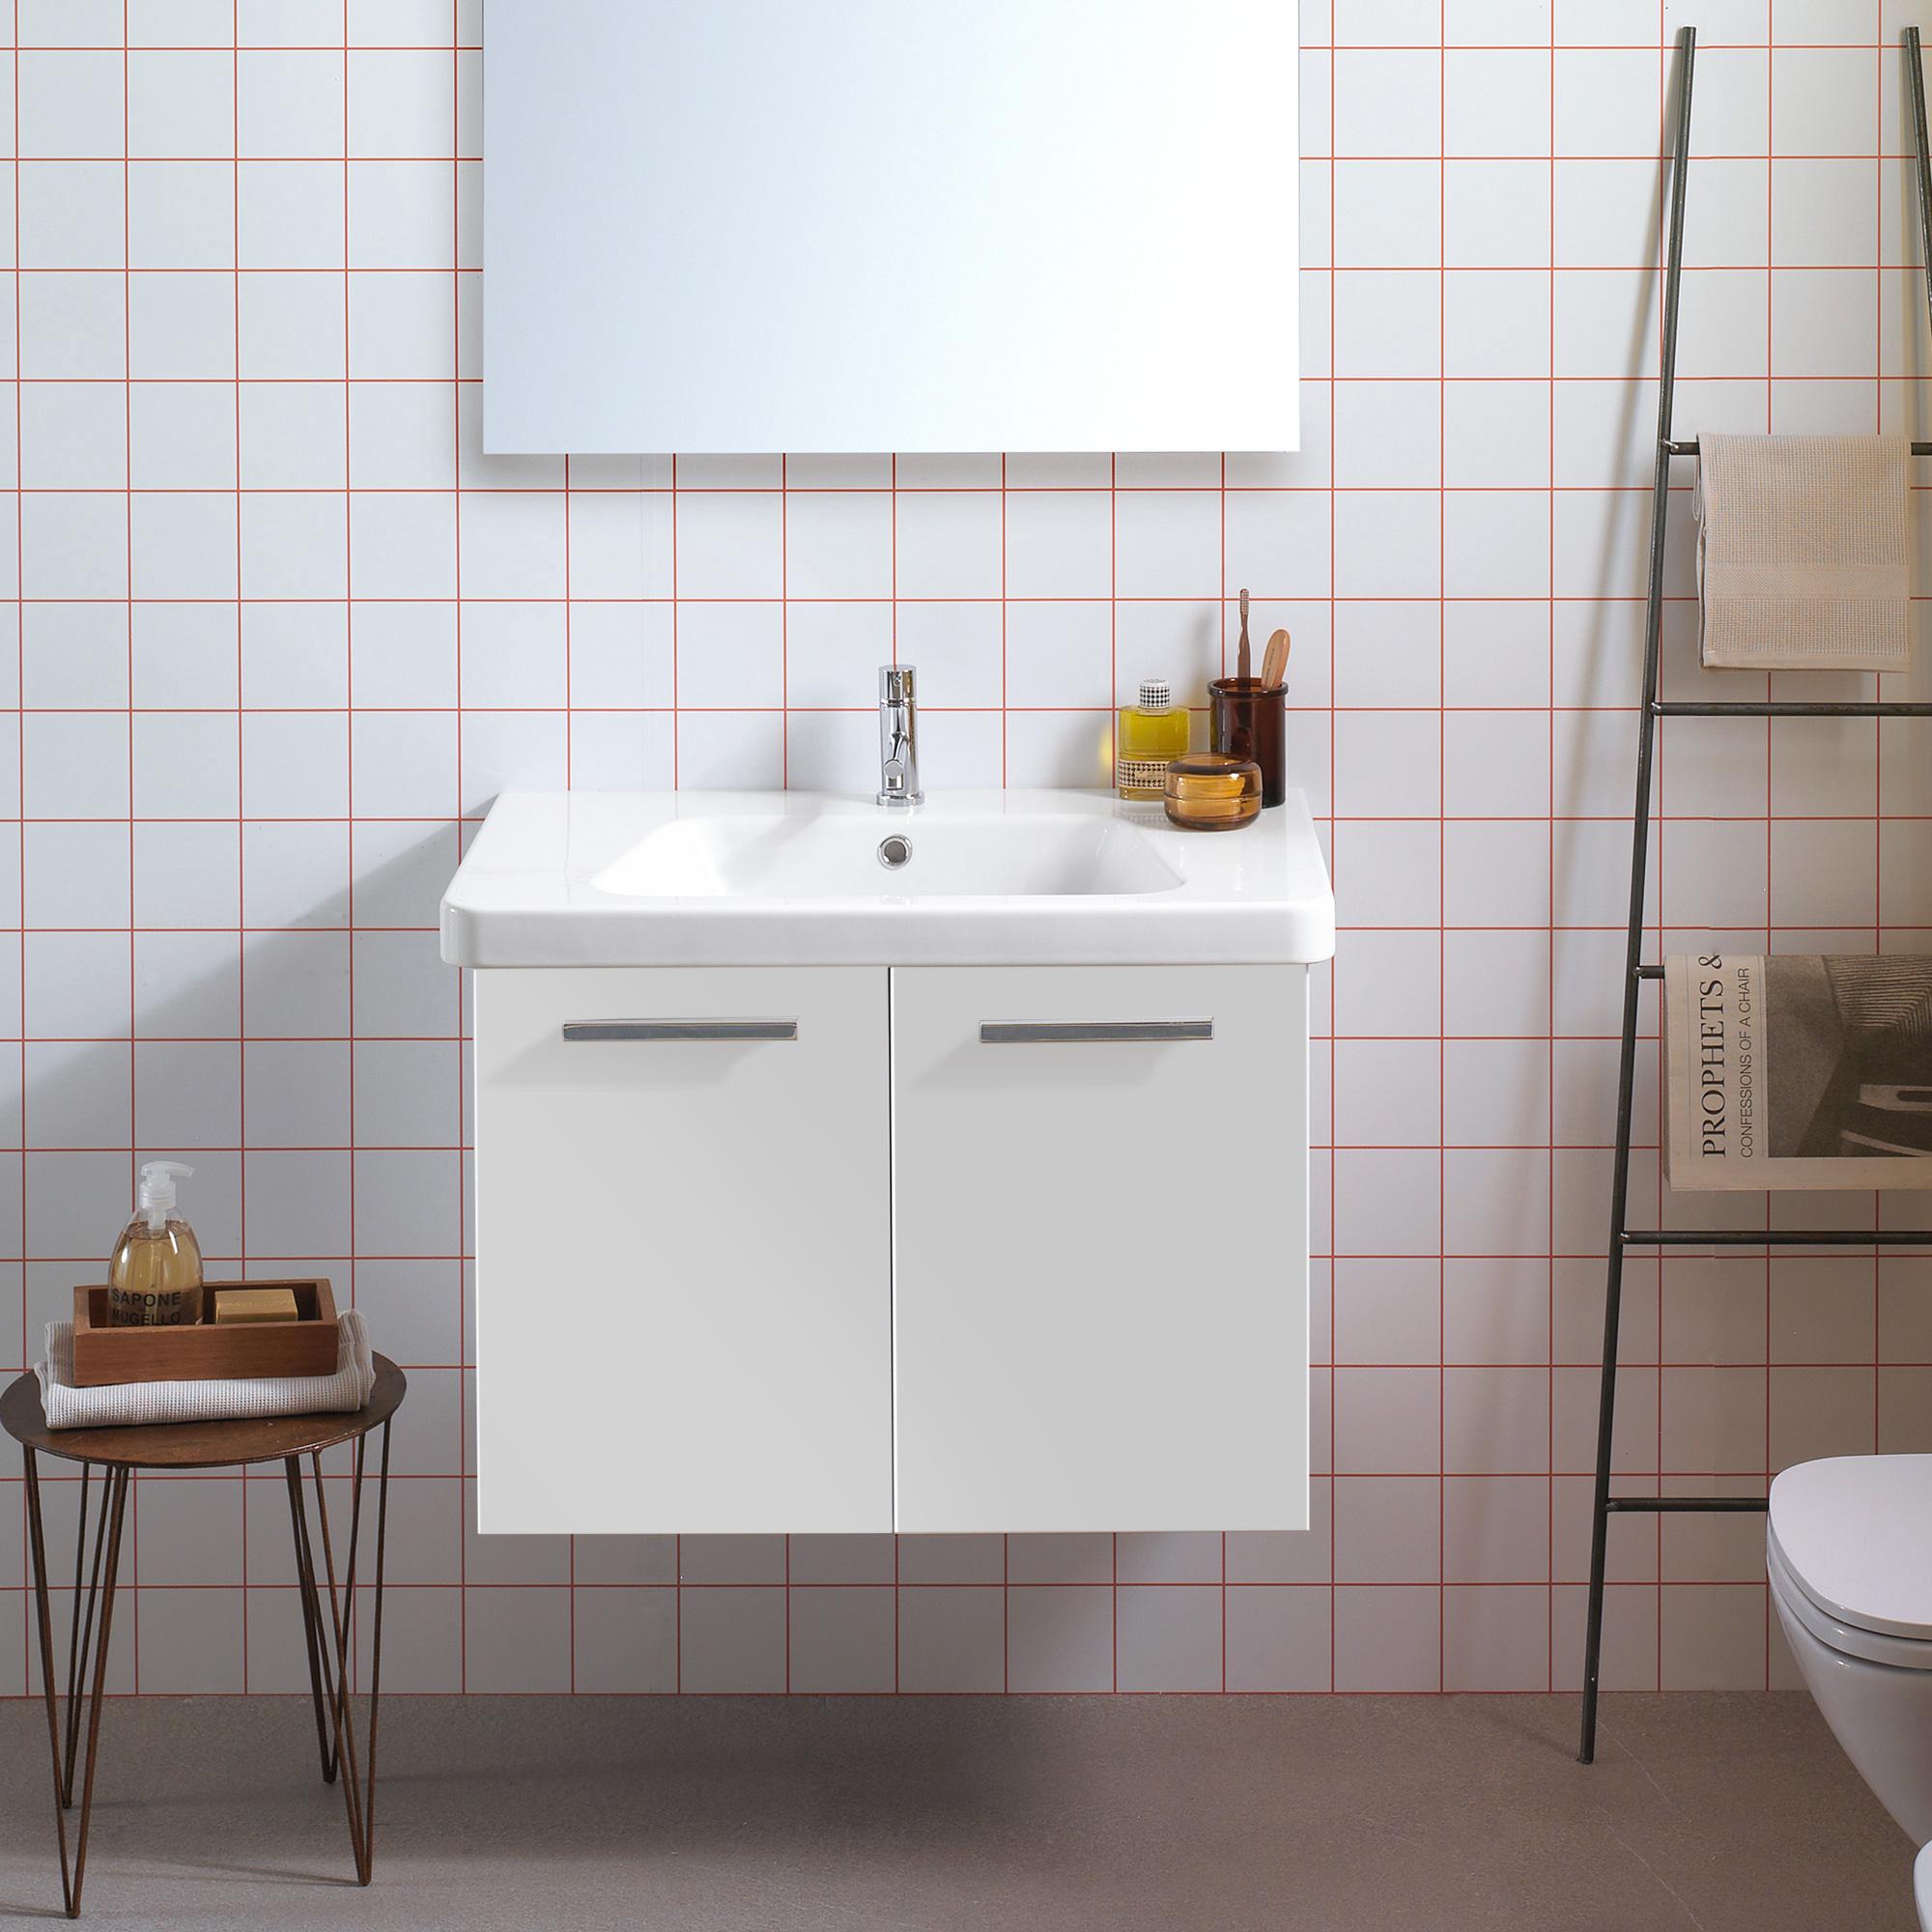 stilvolle waschtisch mit schubladen fotos erindzain. Black Bedroom Furniture Sets. Home Design Ideas